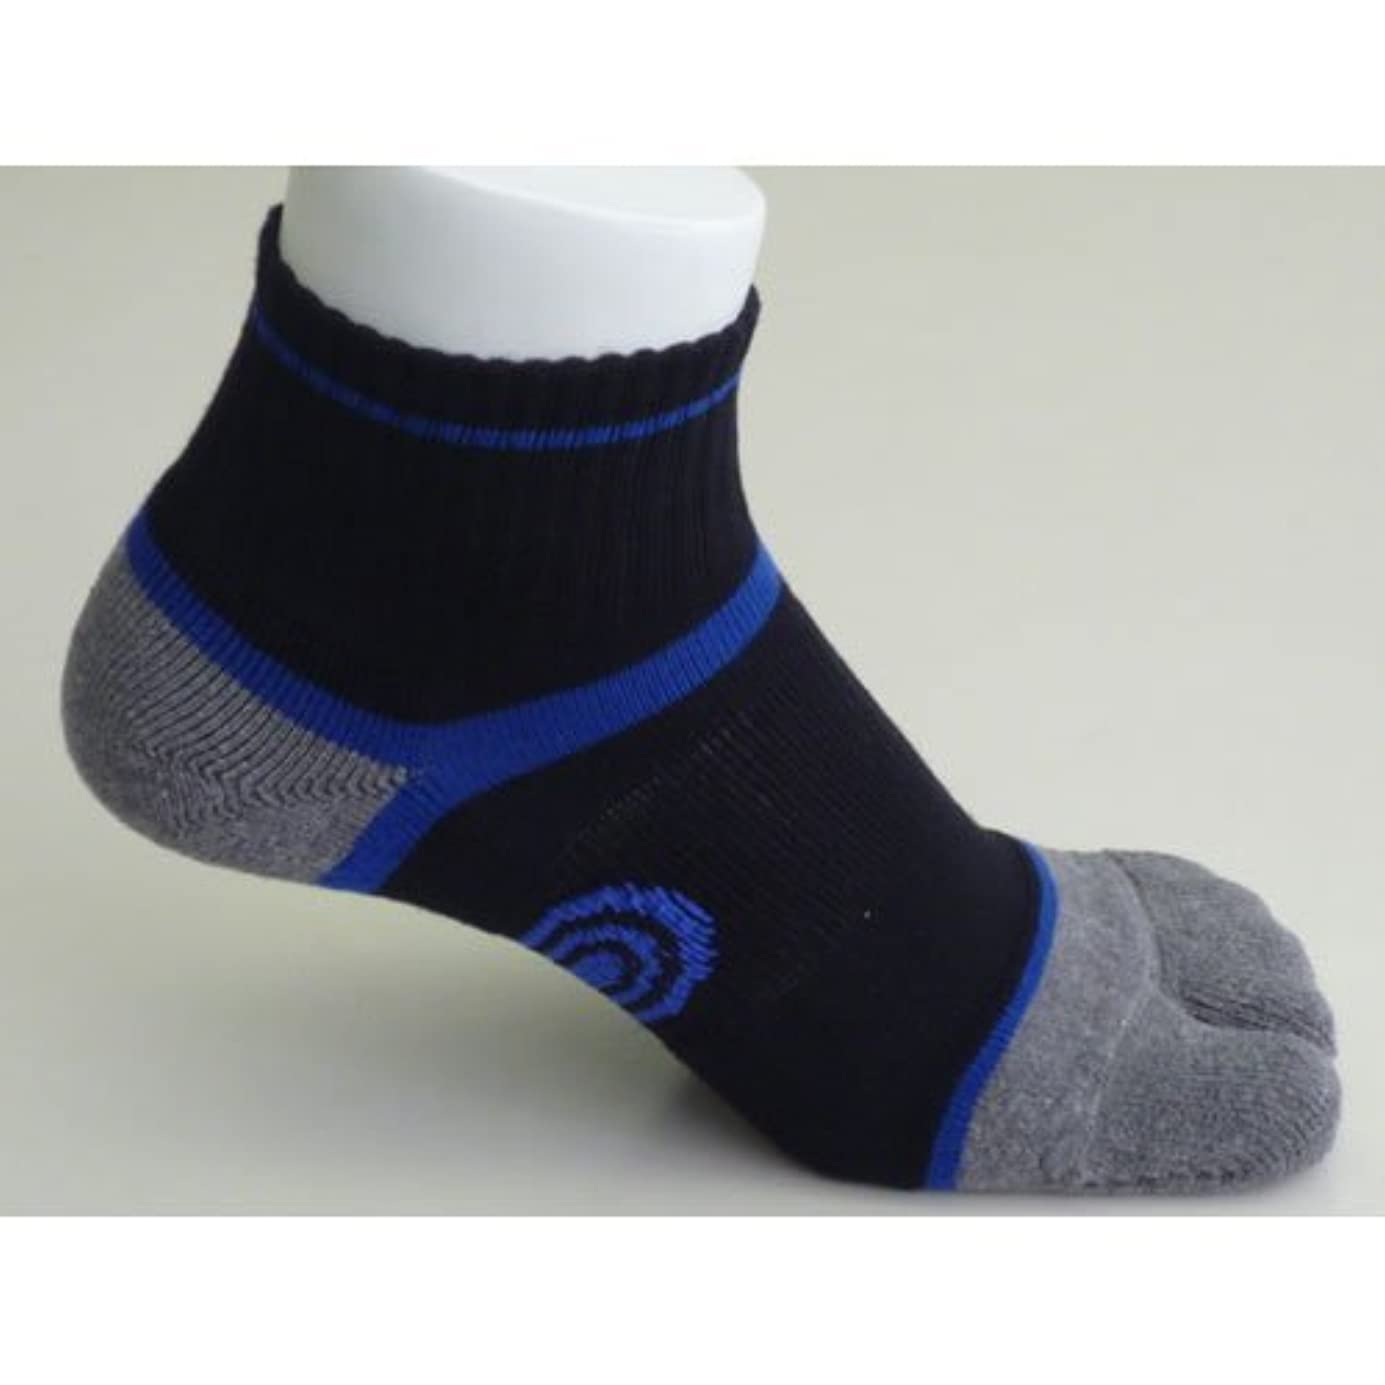 センター記事洞察力のある草鞋ソックス M(25-27cm)ブルー 【わらじソックス】【炭の靴下】【足袋型】